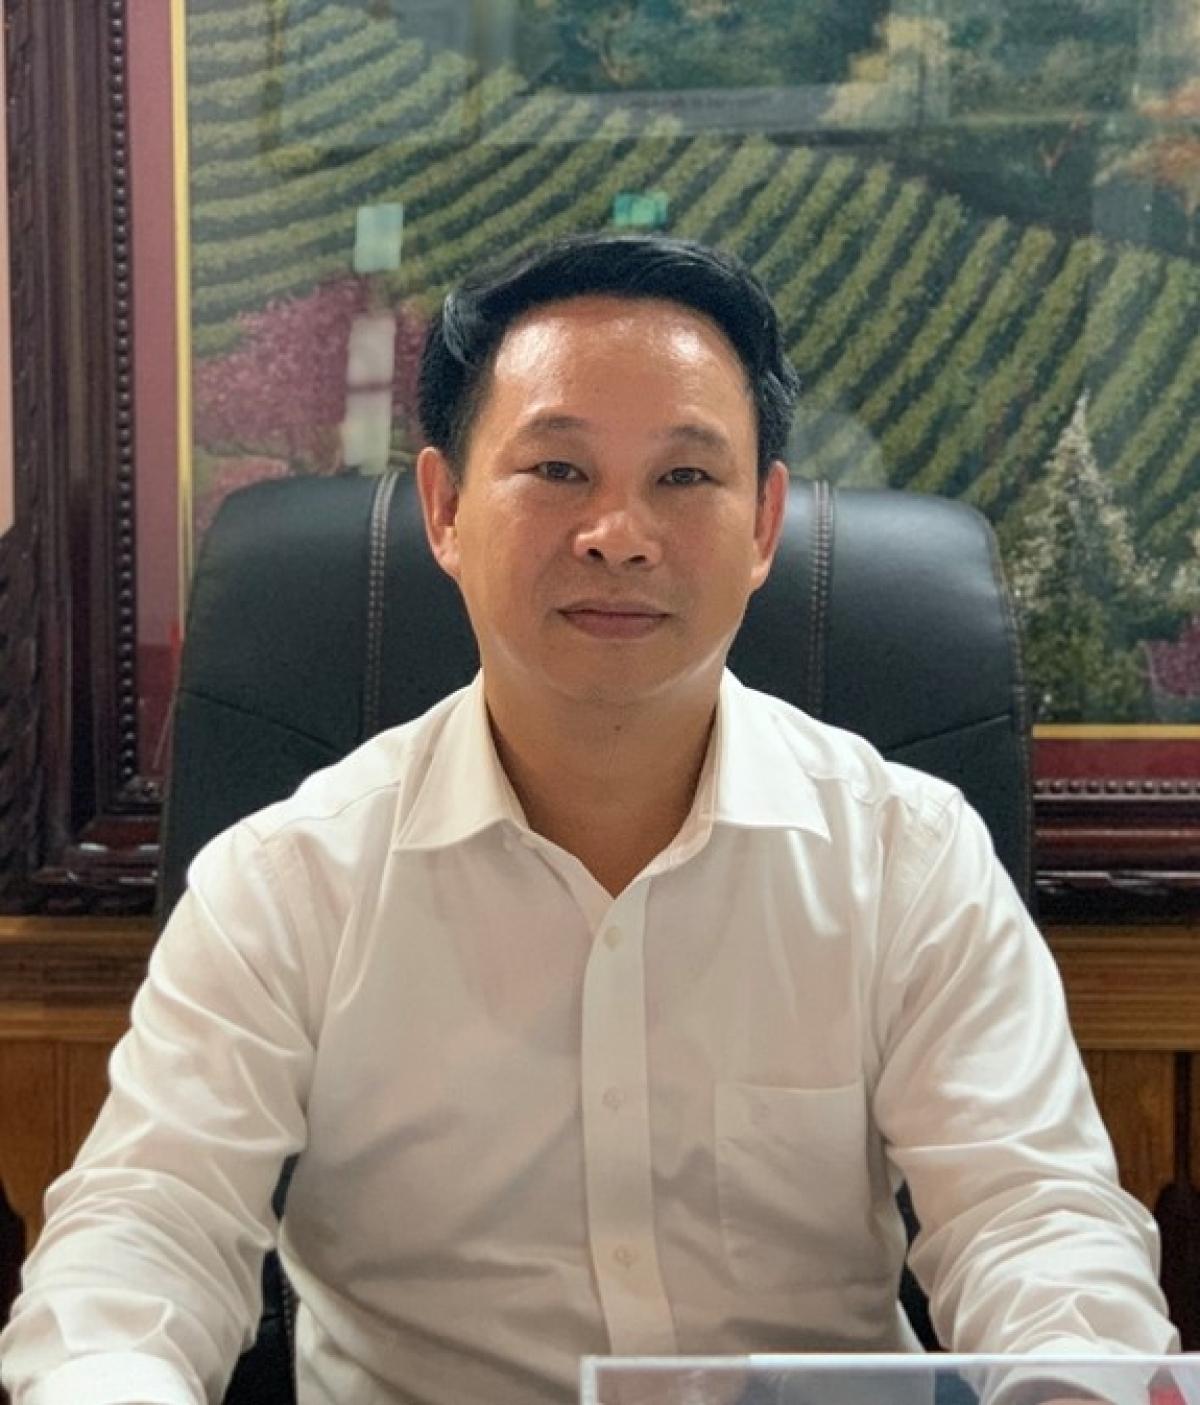 Ông Hoàng Thái Cương - Bí thư Thành ủy Sông Công, tỉnh Thái Nguyên